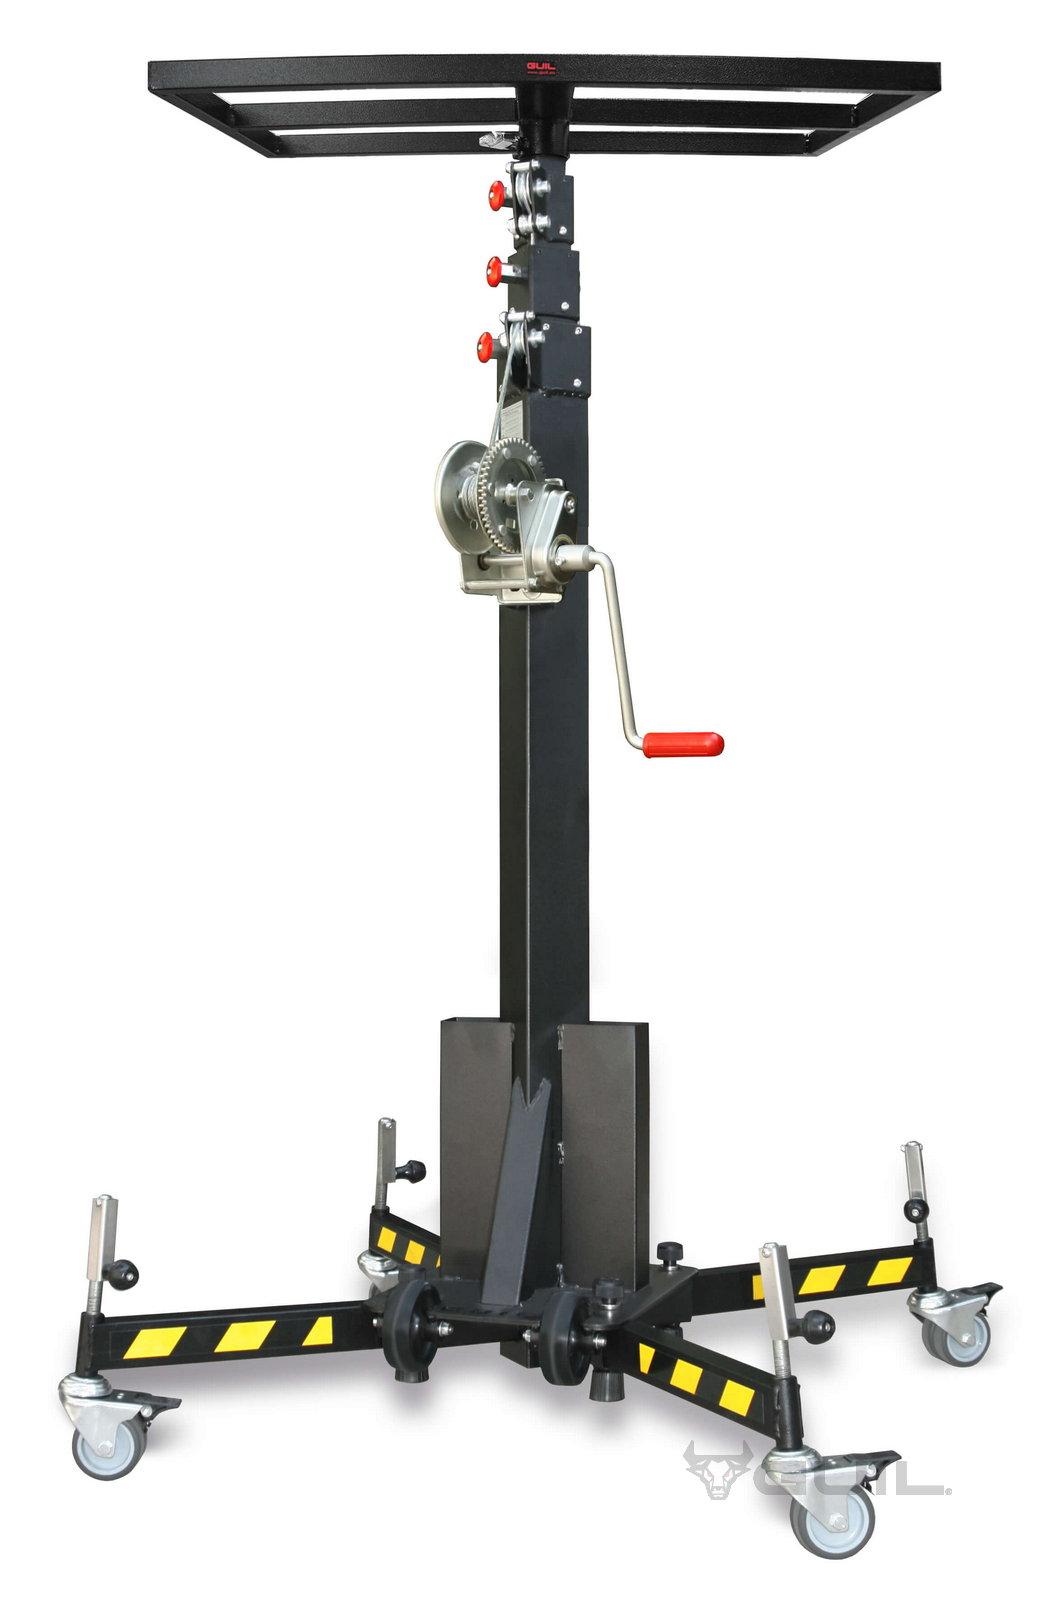 Materiaallift 1,5-4,6 m 125 kg verrijdbaar (dutch) (1)